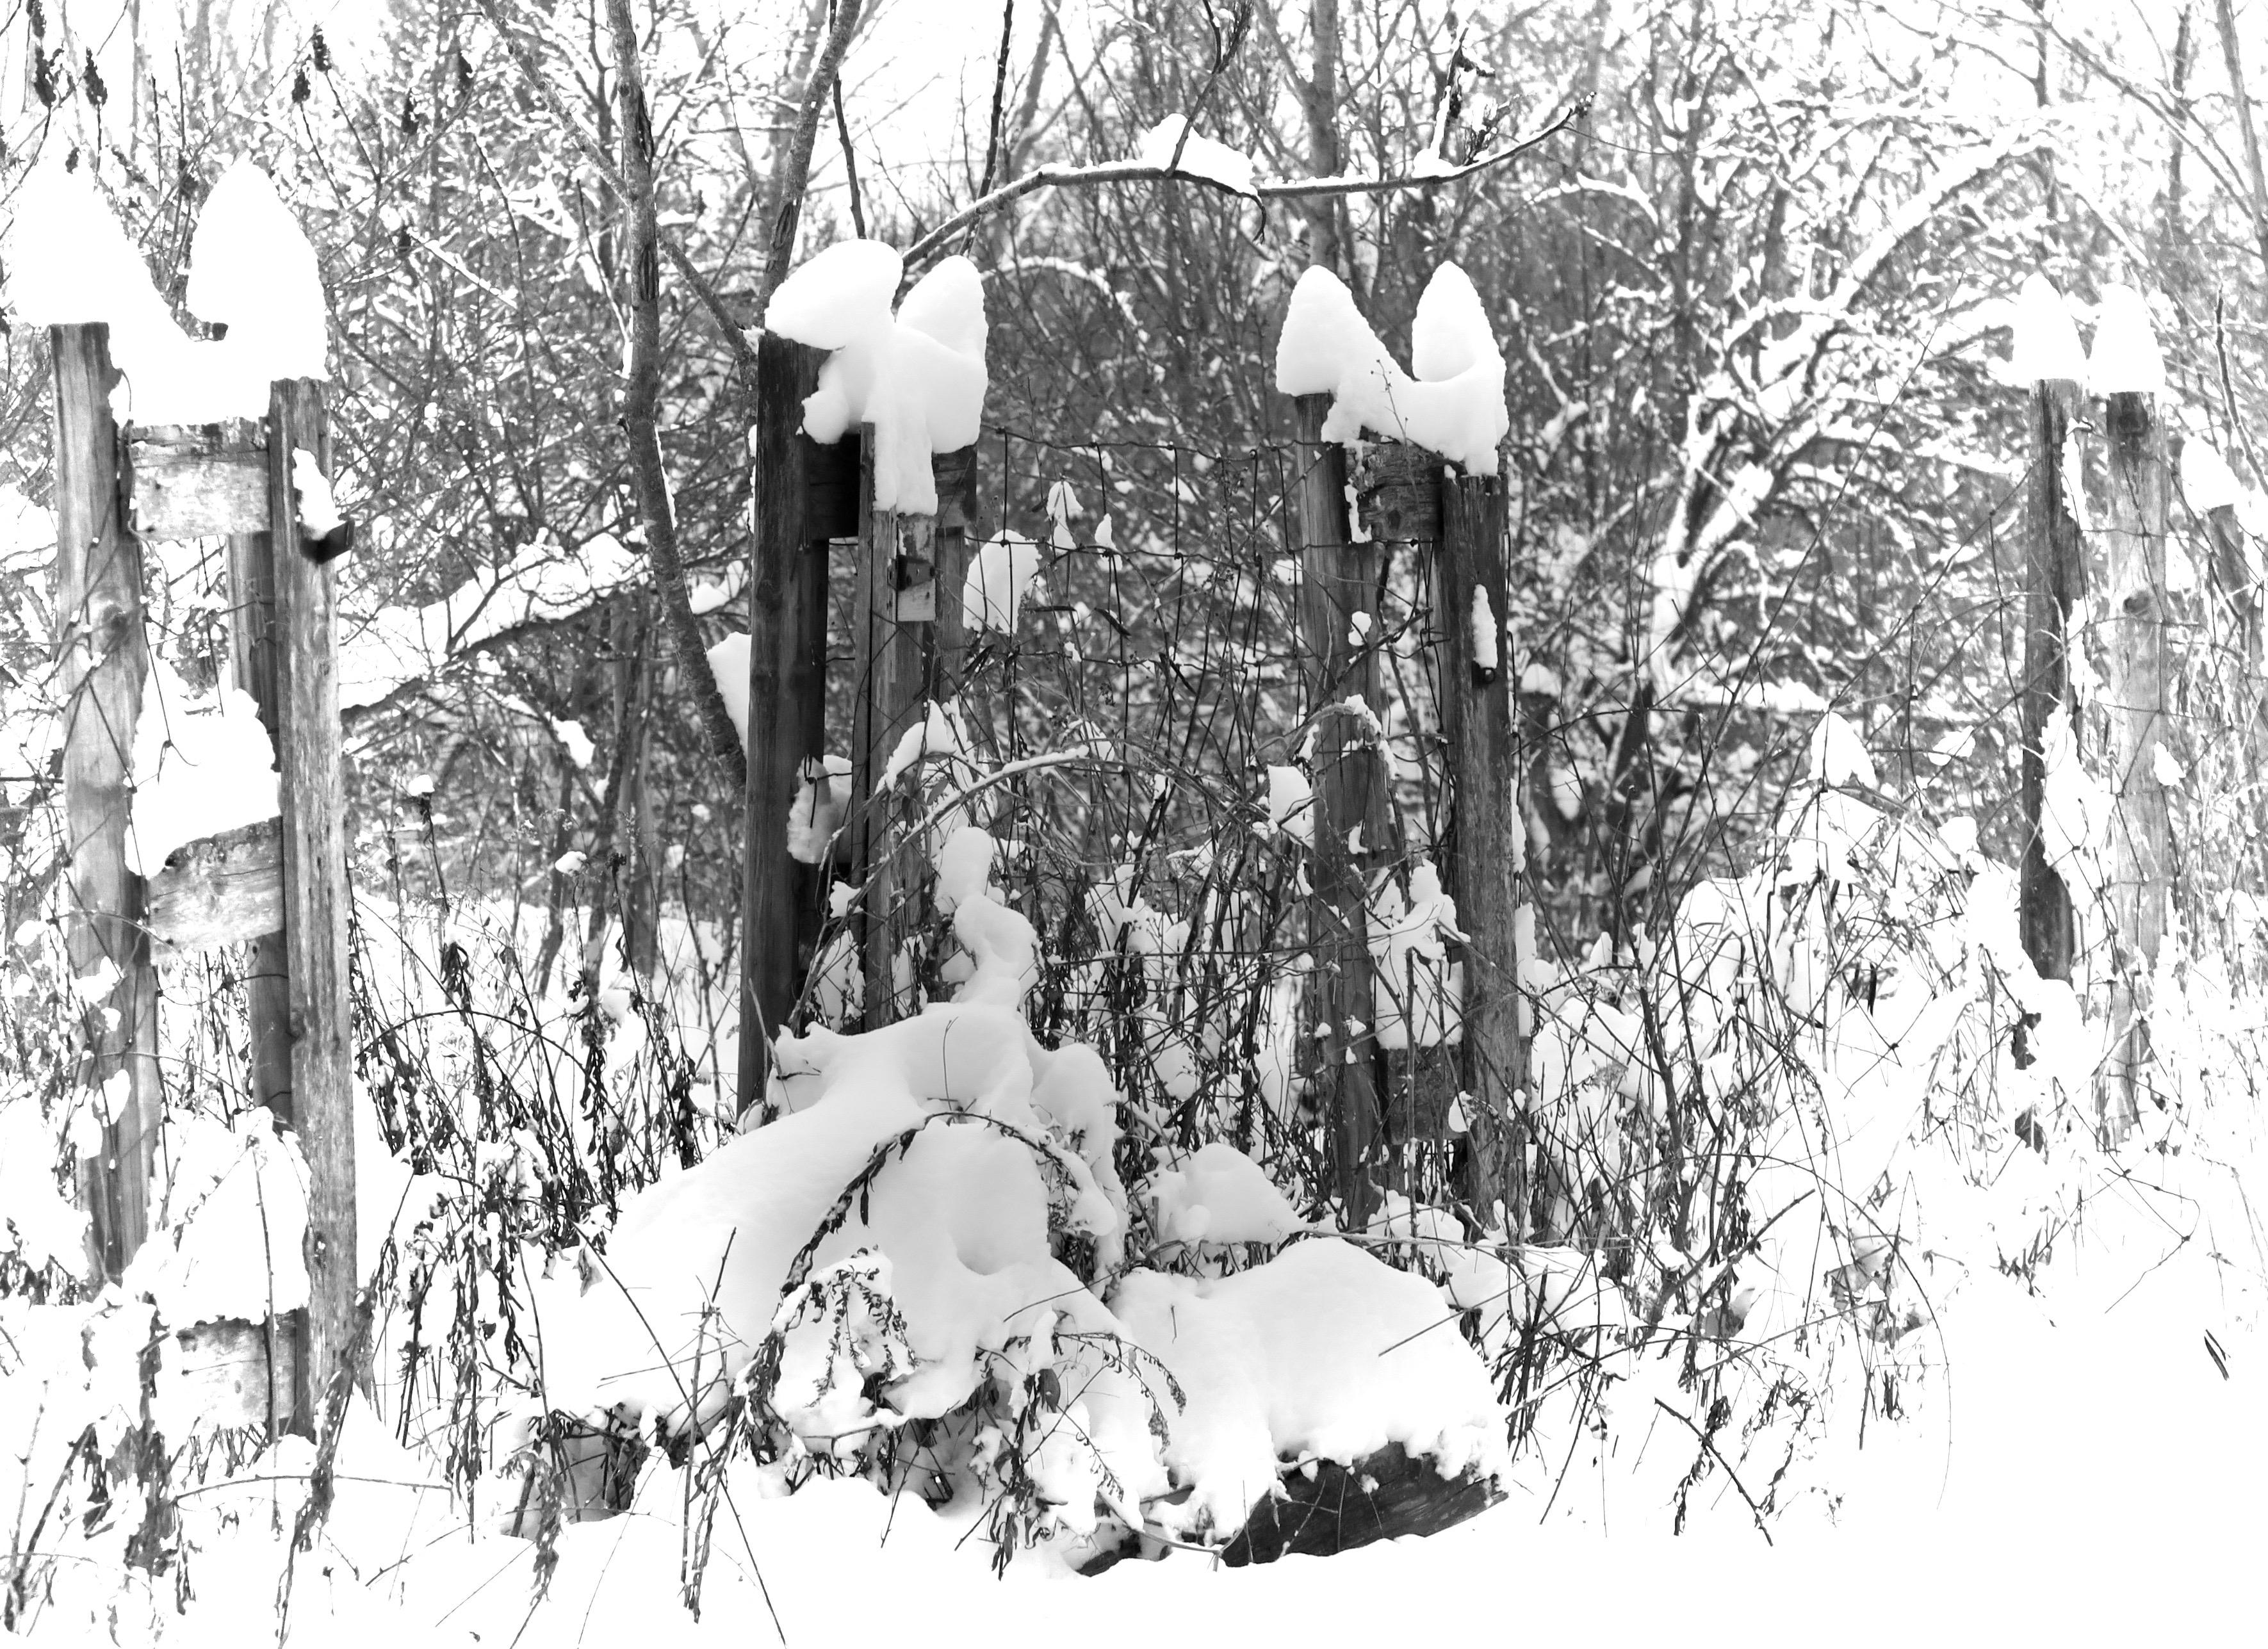 old-fence-around-a-garden-in-winter